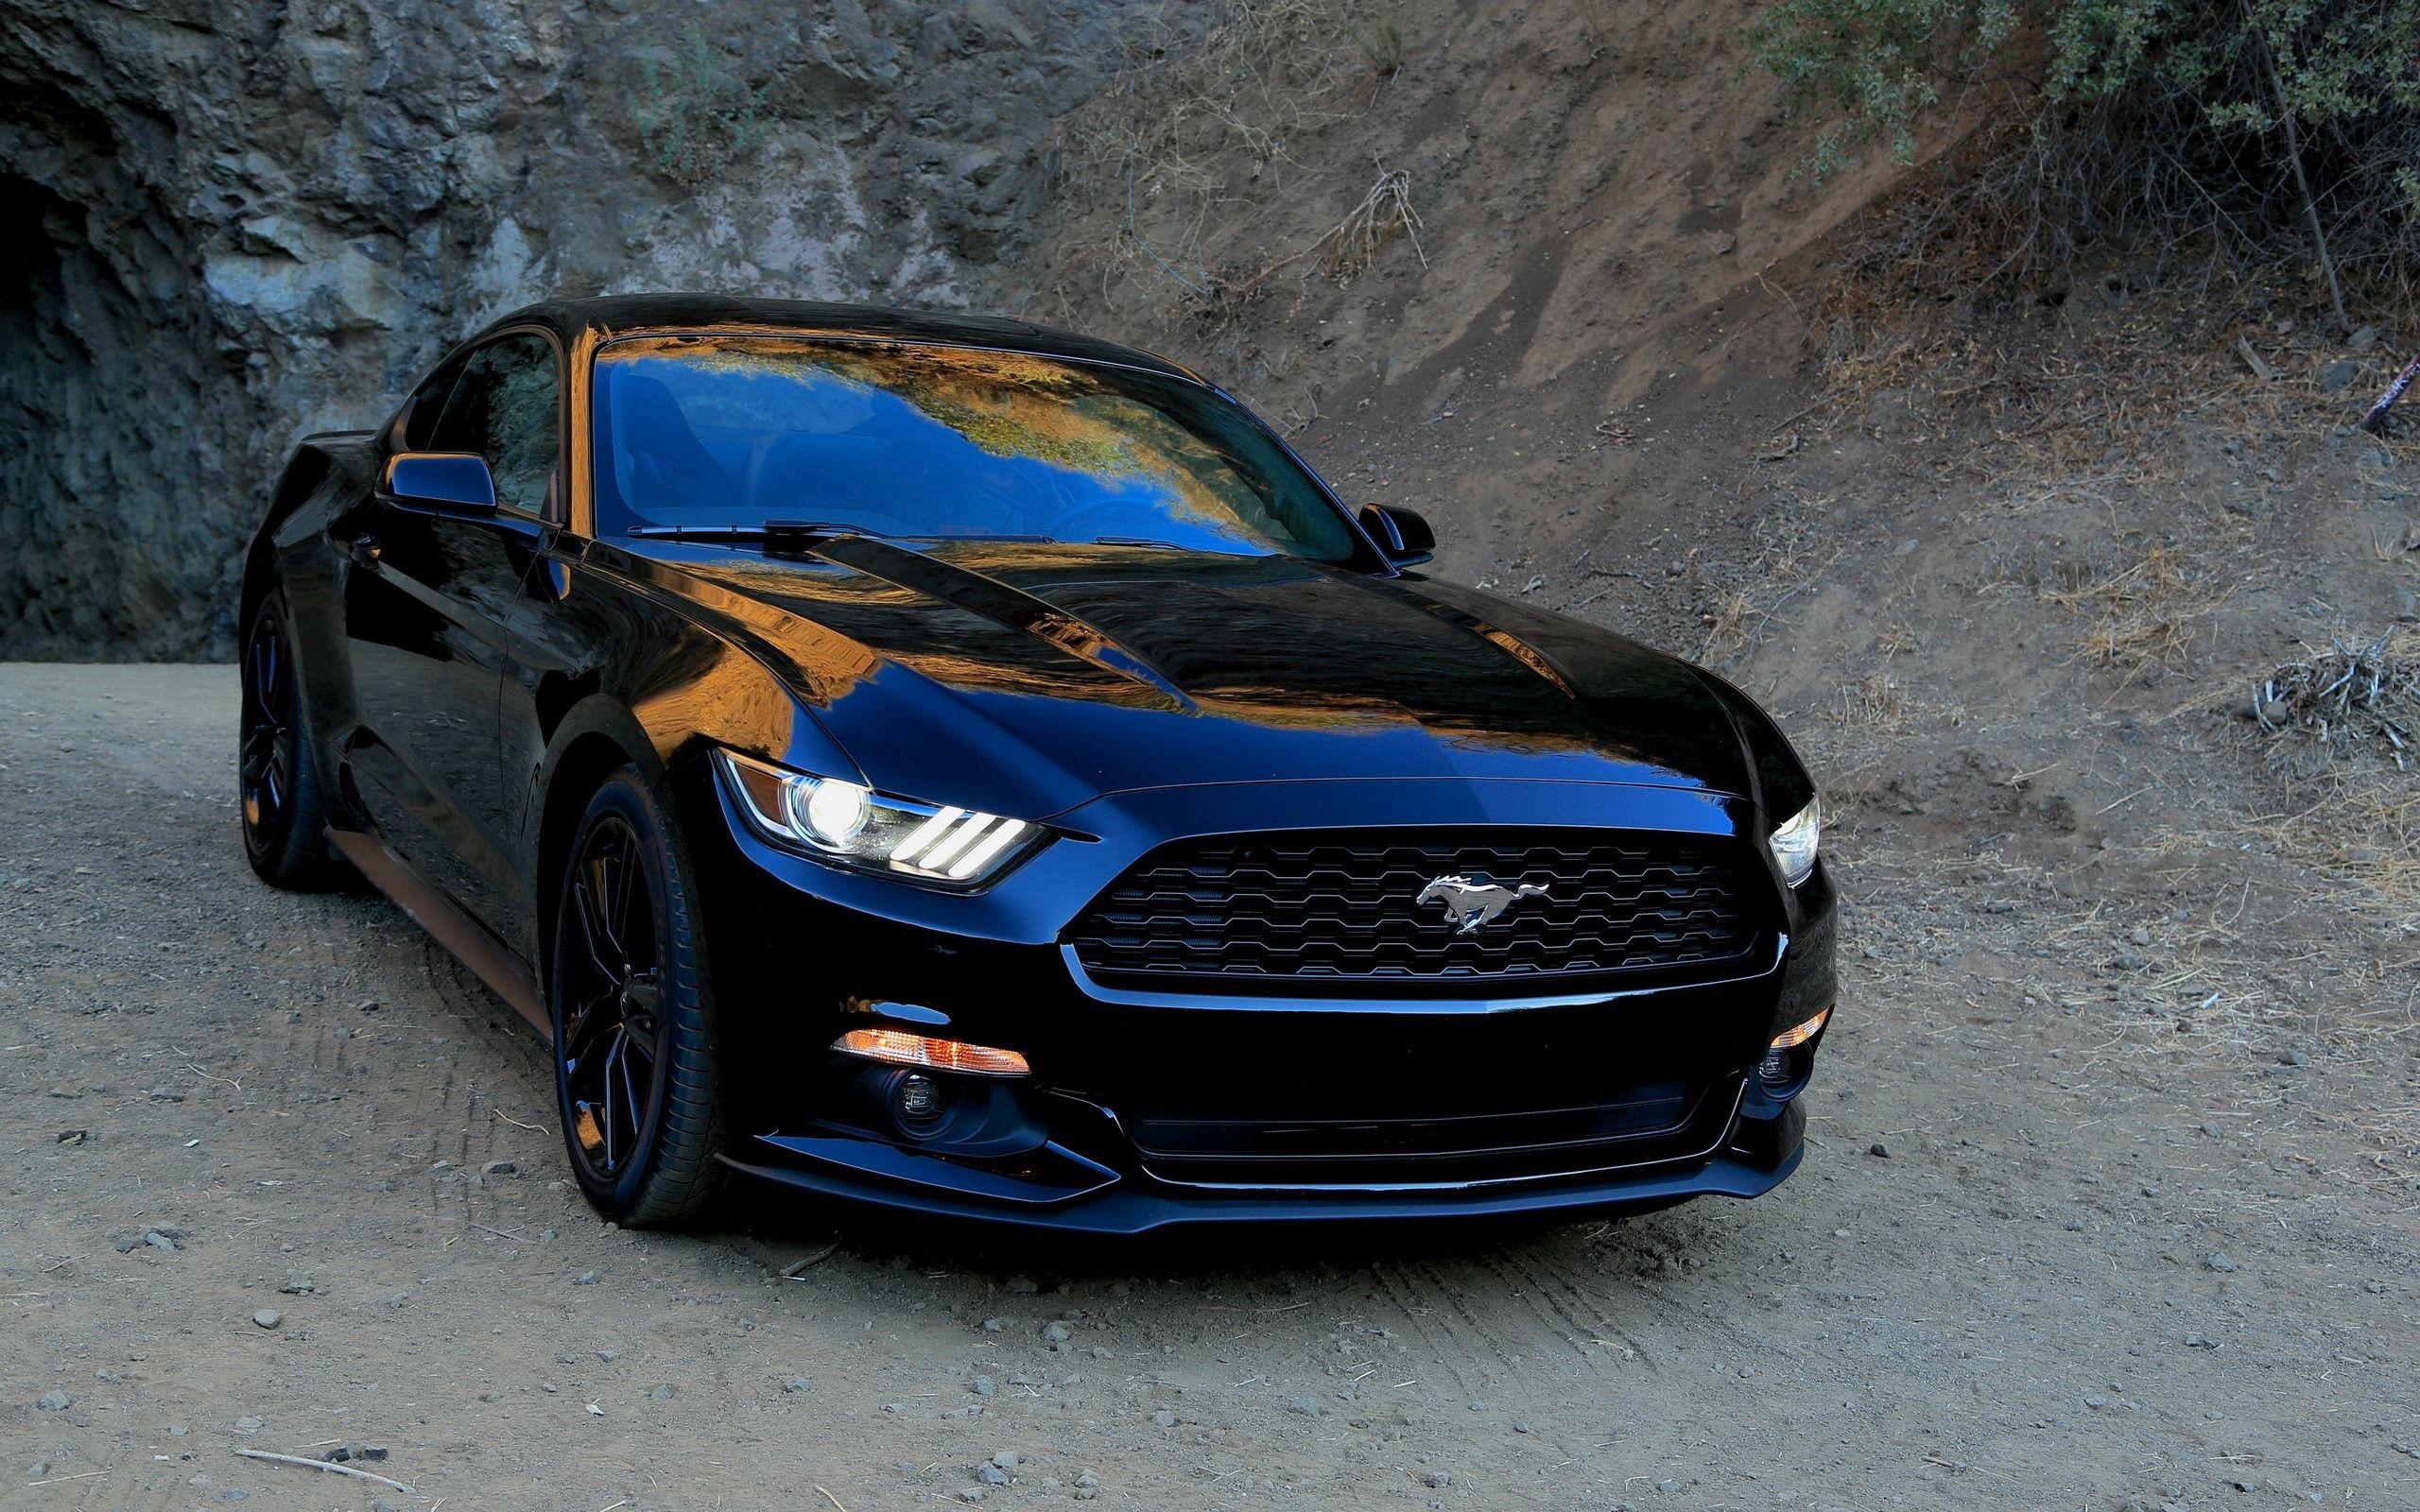 143564 Заставки и Обои Вид Спереди на телефон. Скачать Мустанг (Mustang), Вид Спереди, Форд (Ford), Тачки (Cars), Черный, Спорткар картинки бесплатно